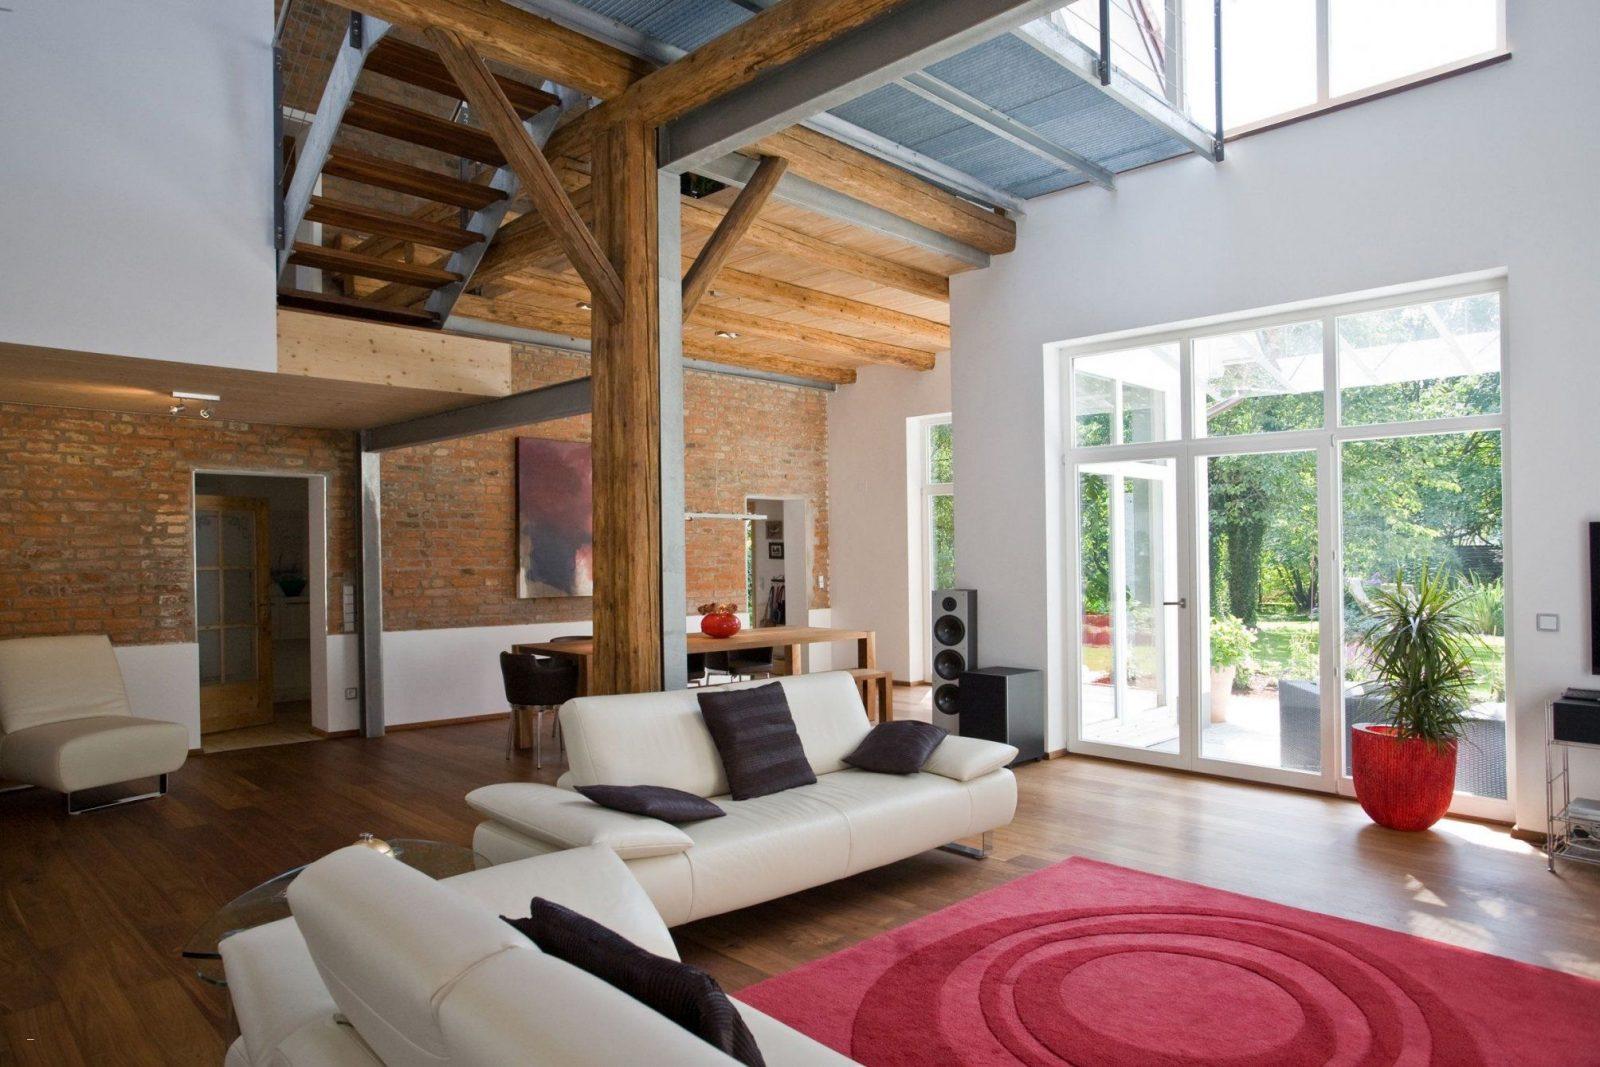 Haus Umbau Vorher Nachher Elegant Wohnzimmer Mit Offener Galerie von Haus Mit Offener Galerie Photo